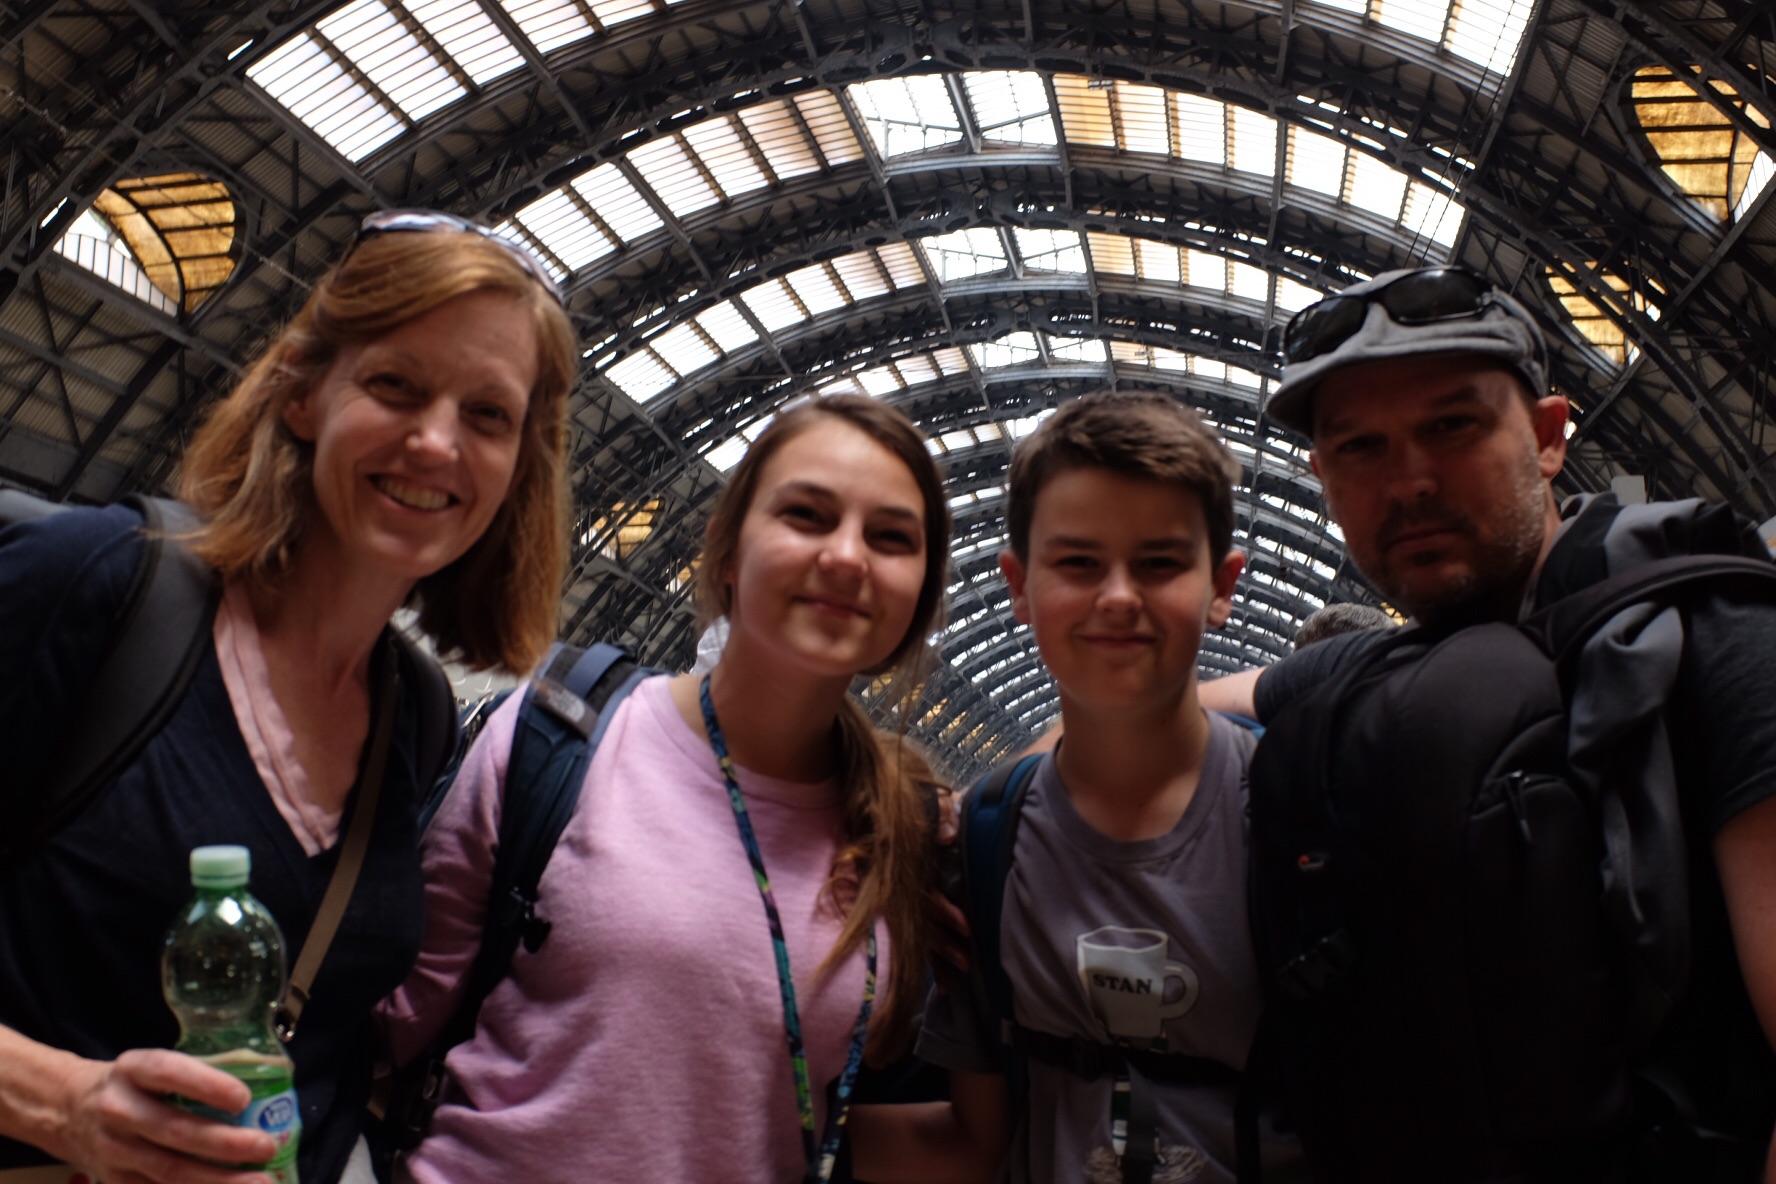 At Milan Central train terminal